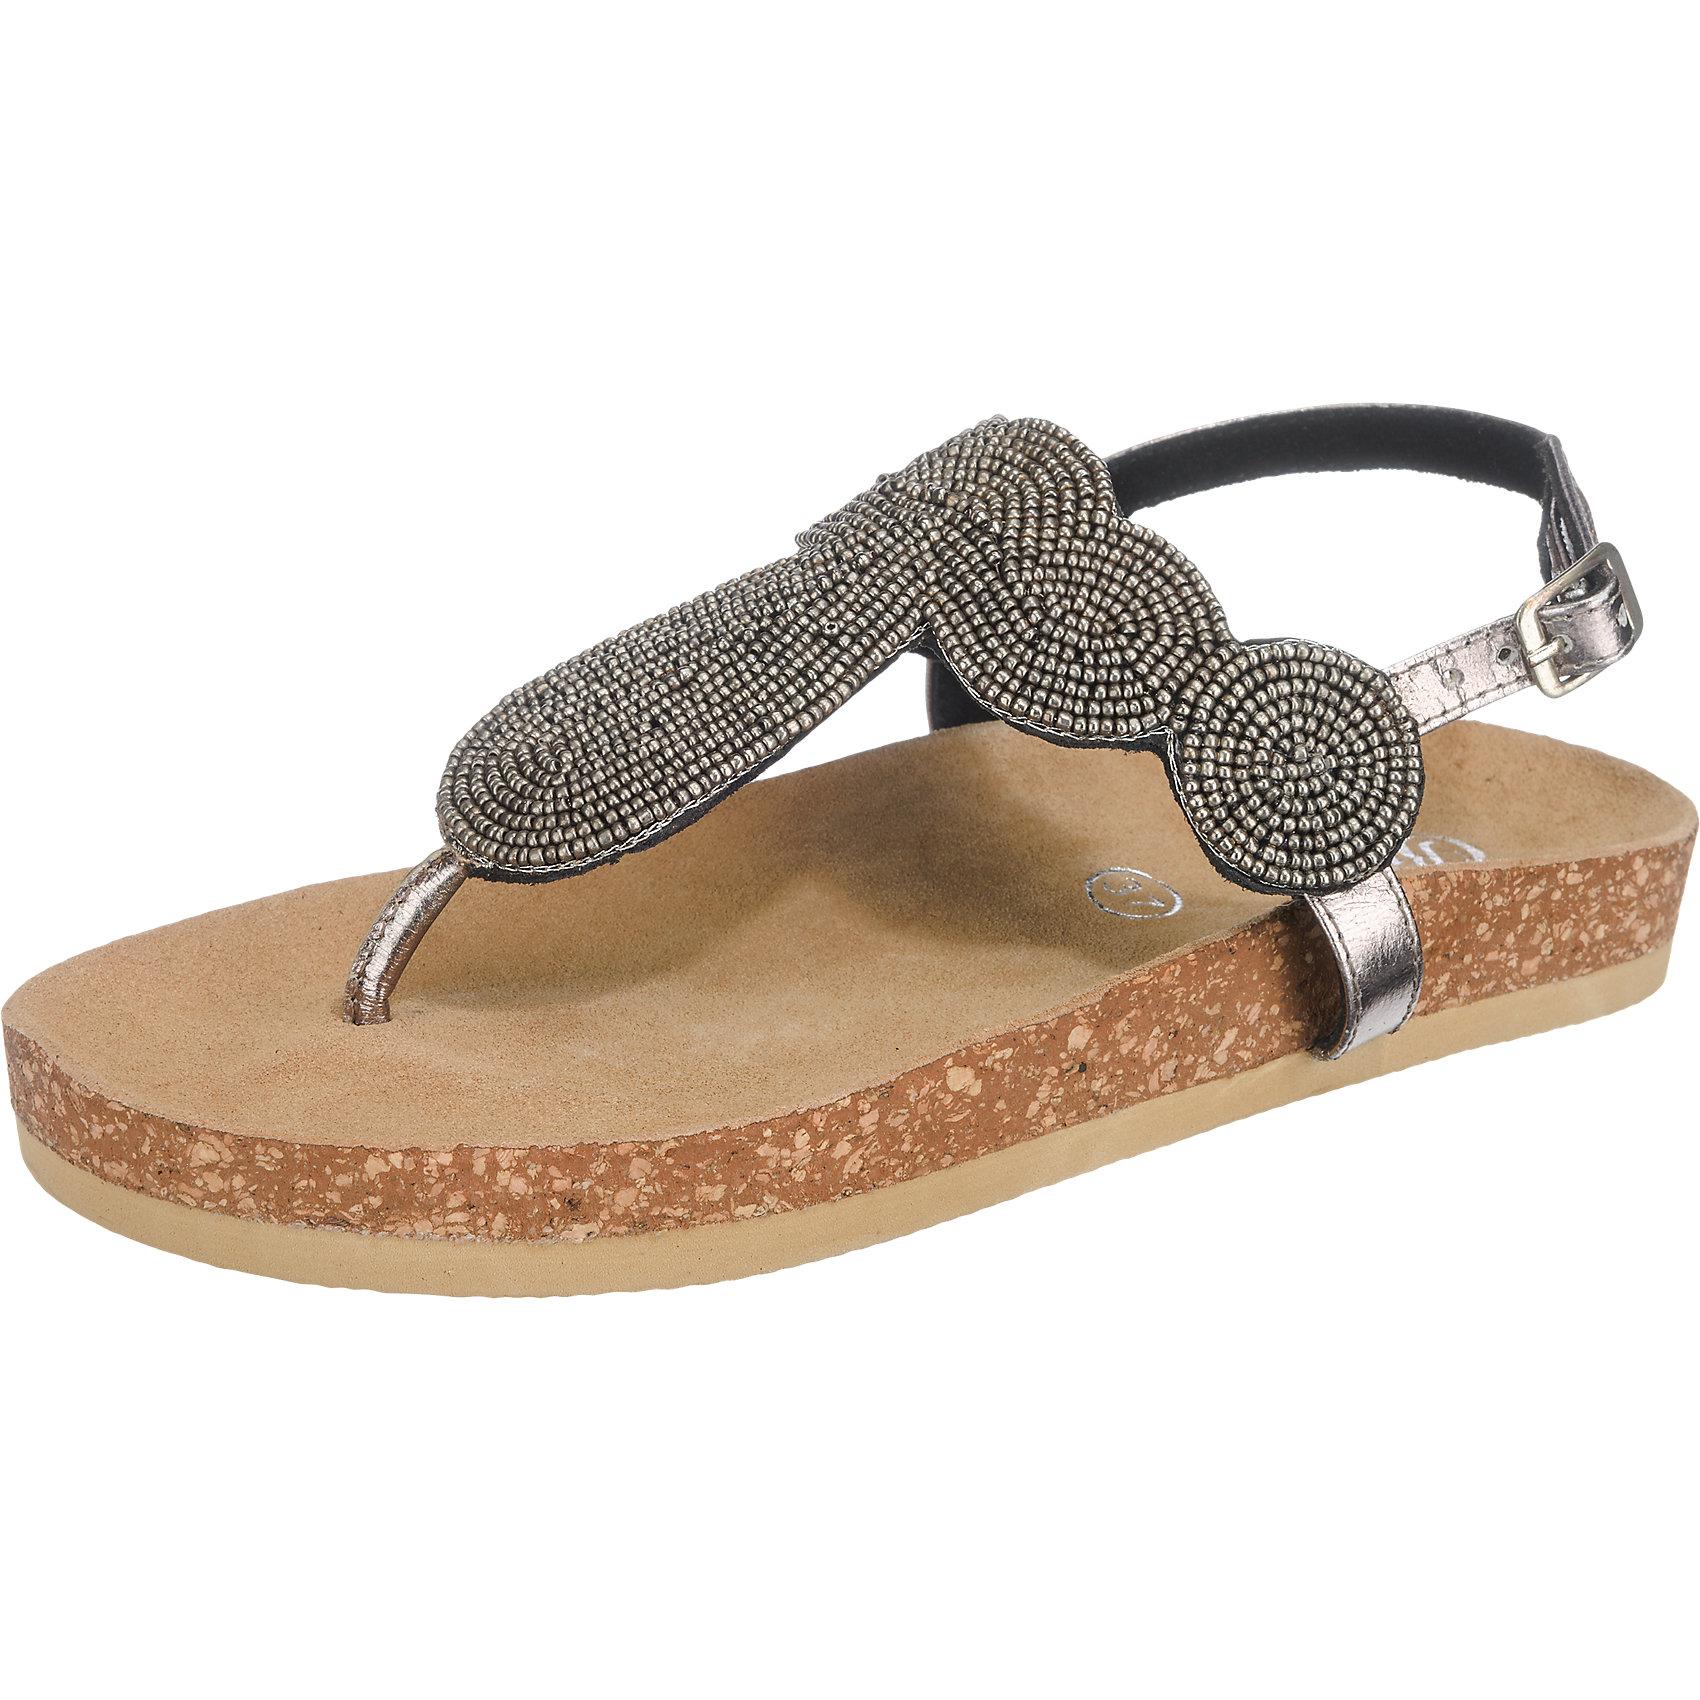 Neu BUFFALO Sandaletten gold 5744299 für Damen schwarz gold Sandaletten silber 7213b7